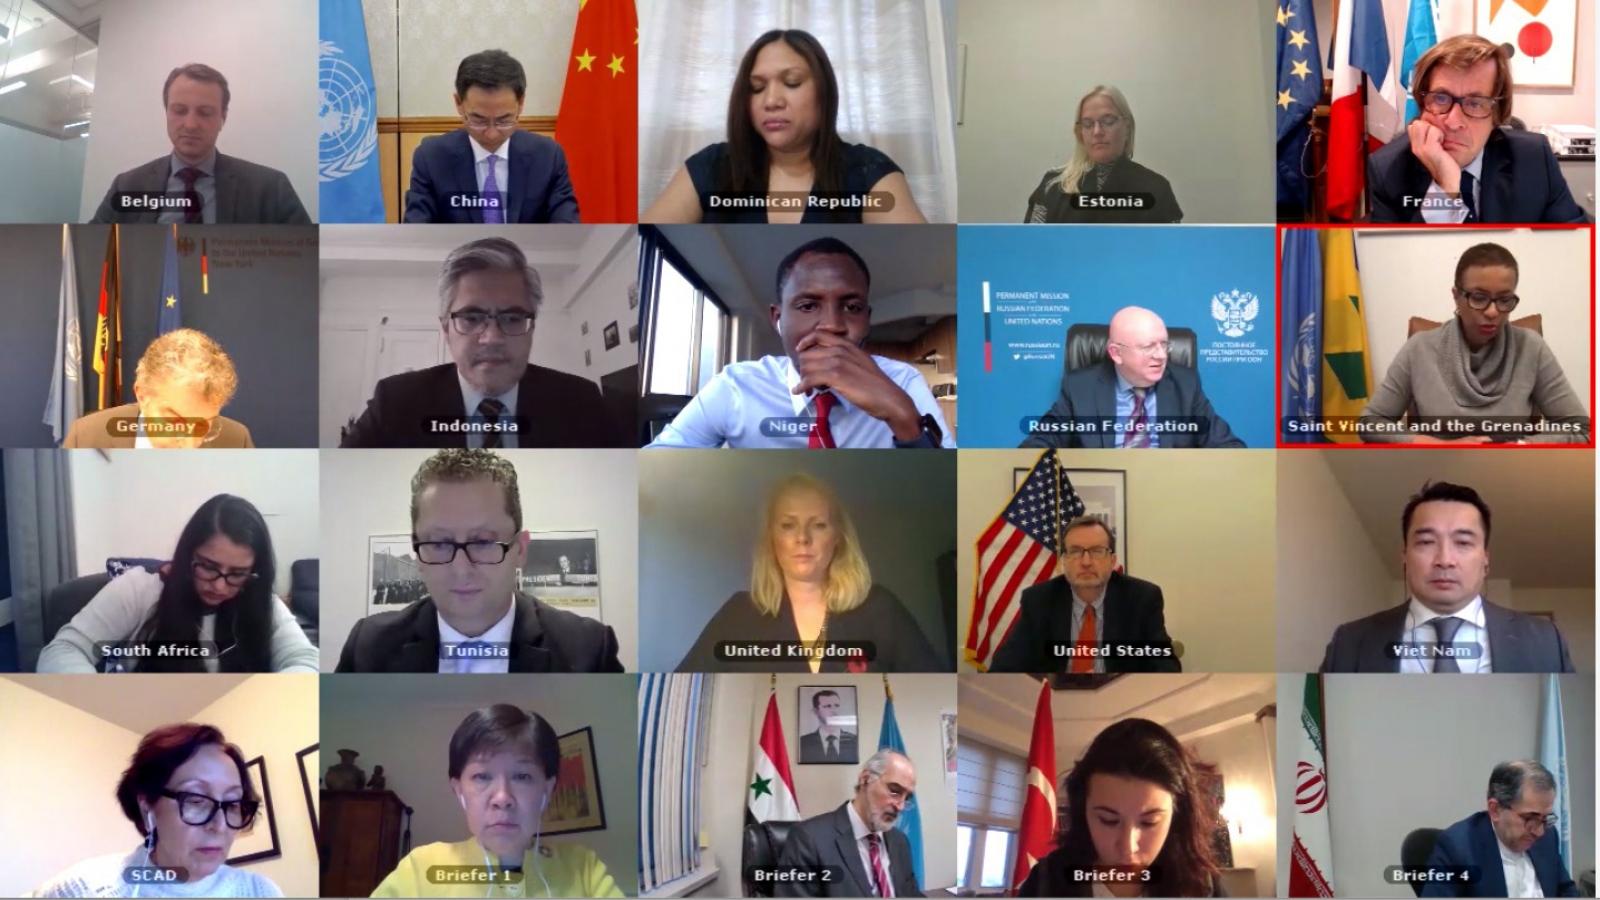 Hội đồng Bảo an LHQ thảo luận tình hình Bosnia-Herzegovina và về vũ khí hóa học ở Syria